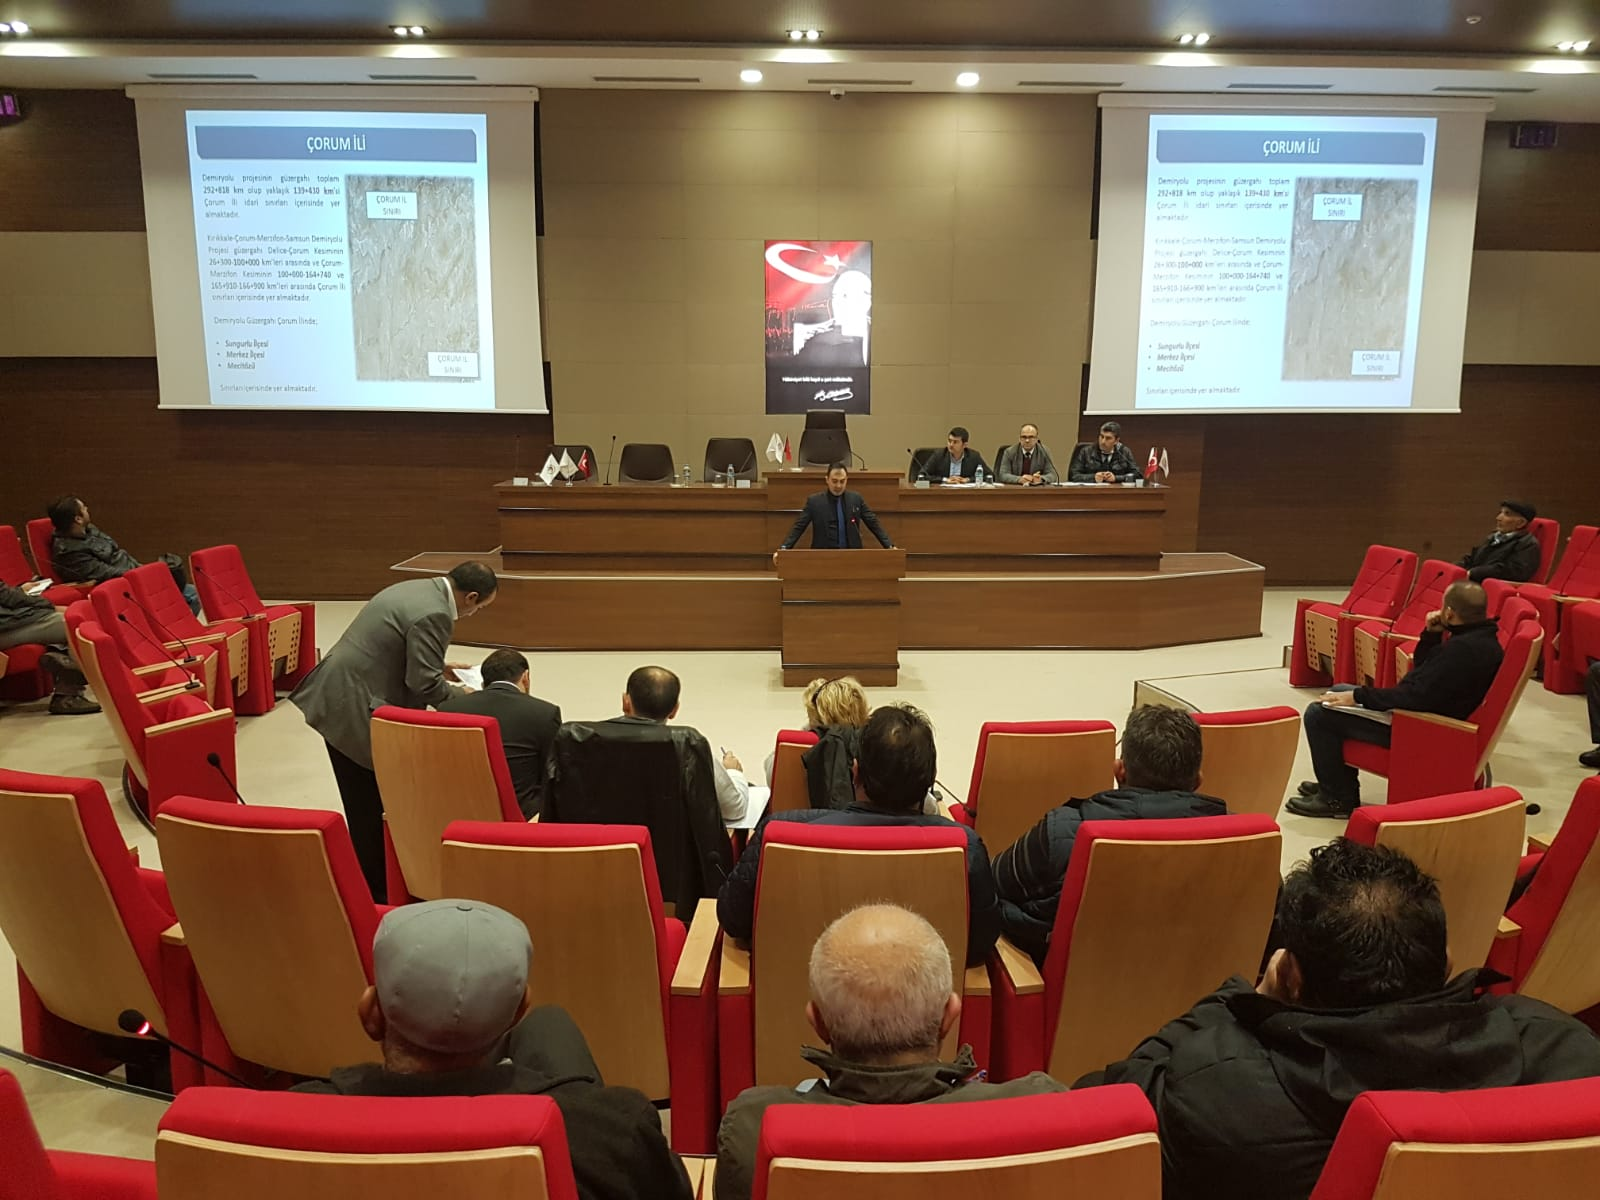 ''Kırıkkale-Çorum-Amasya-Samsun Demiryolu'' Projesi İçin 22.11.2018 Tarihinde Halkın Katılımı Toplantısı Yapılmıştır.